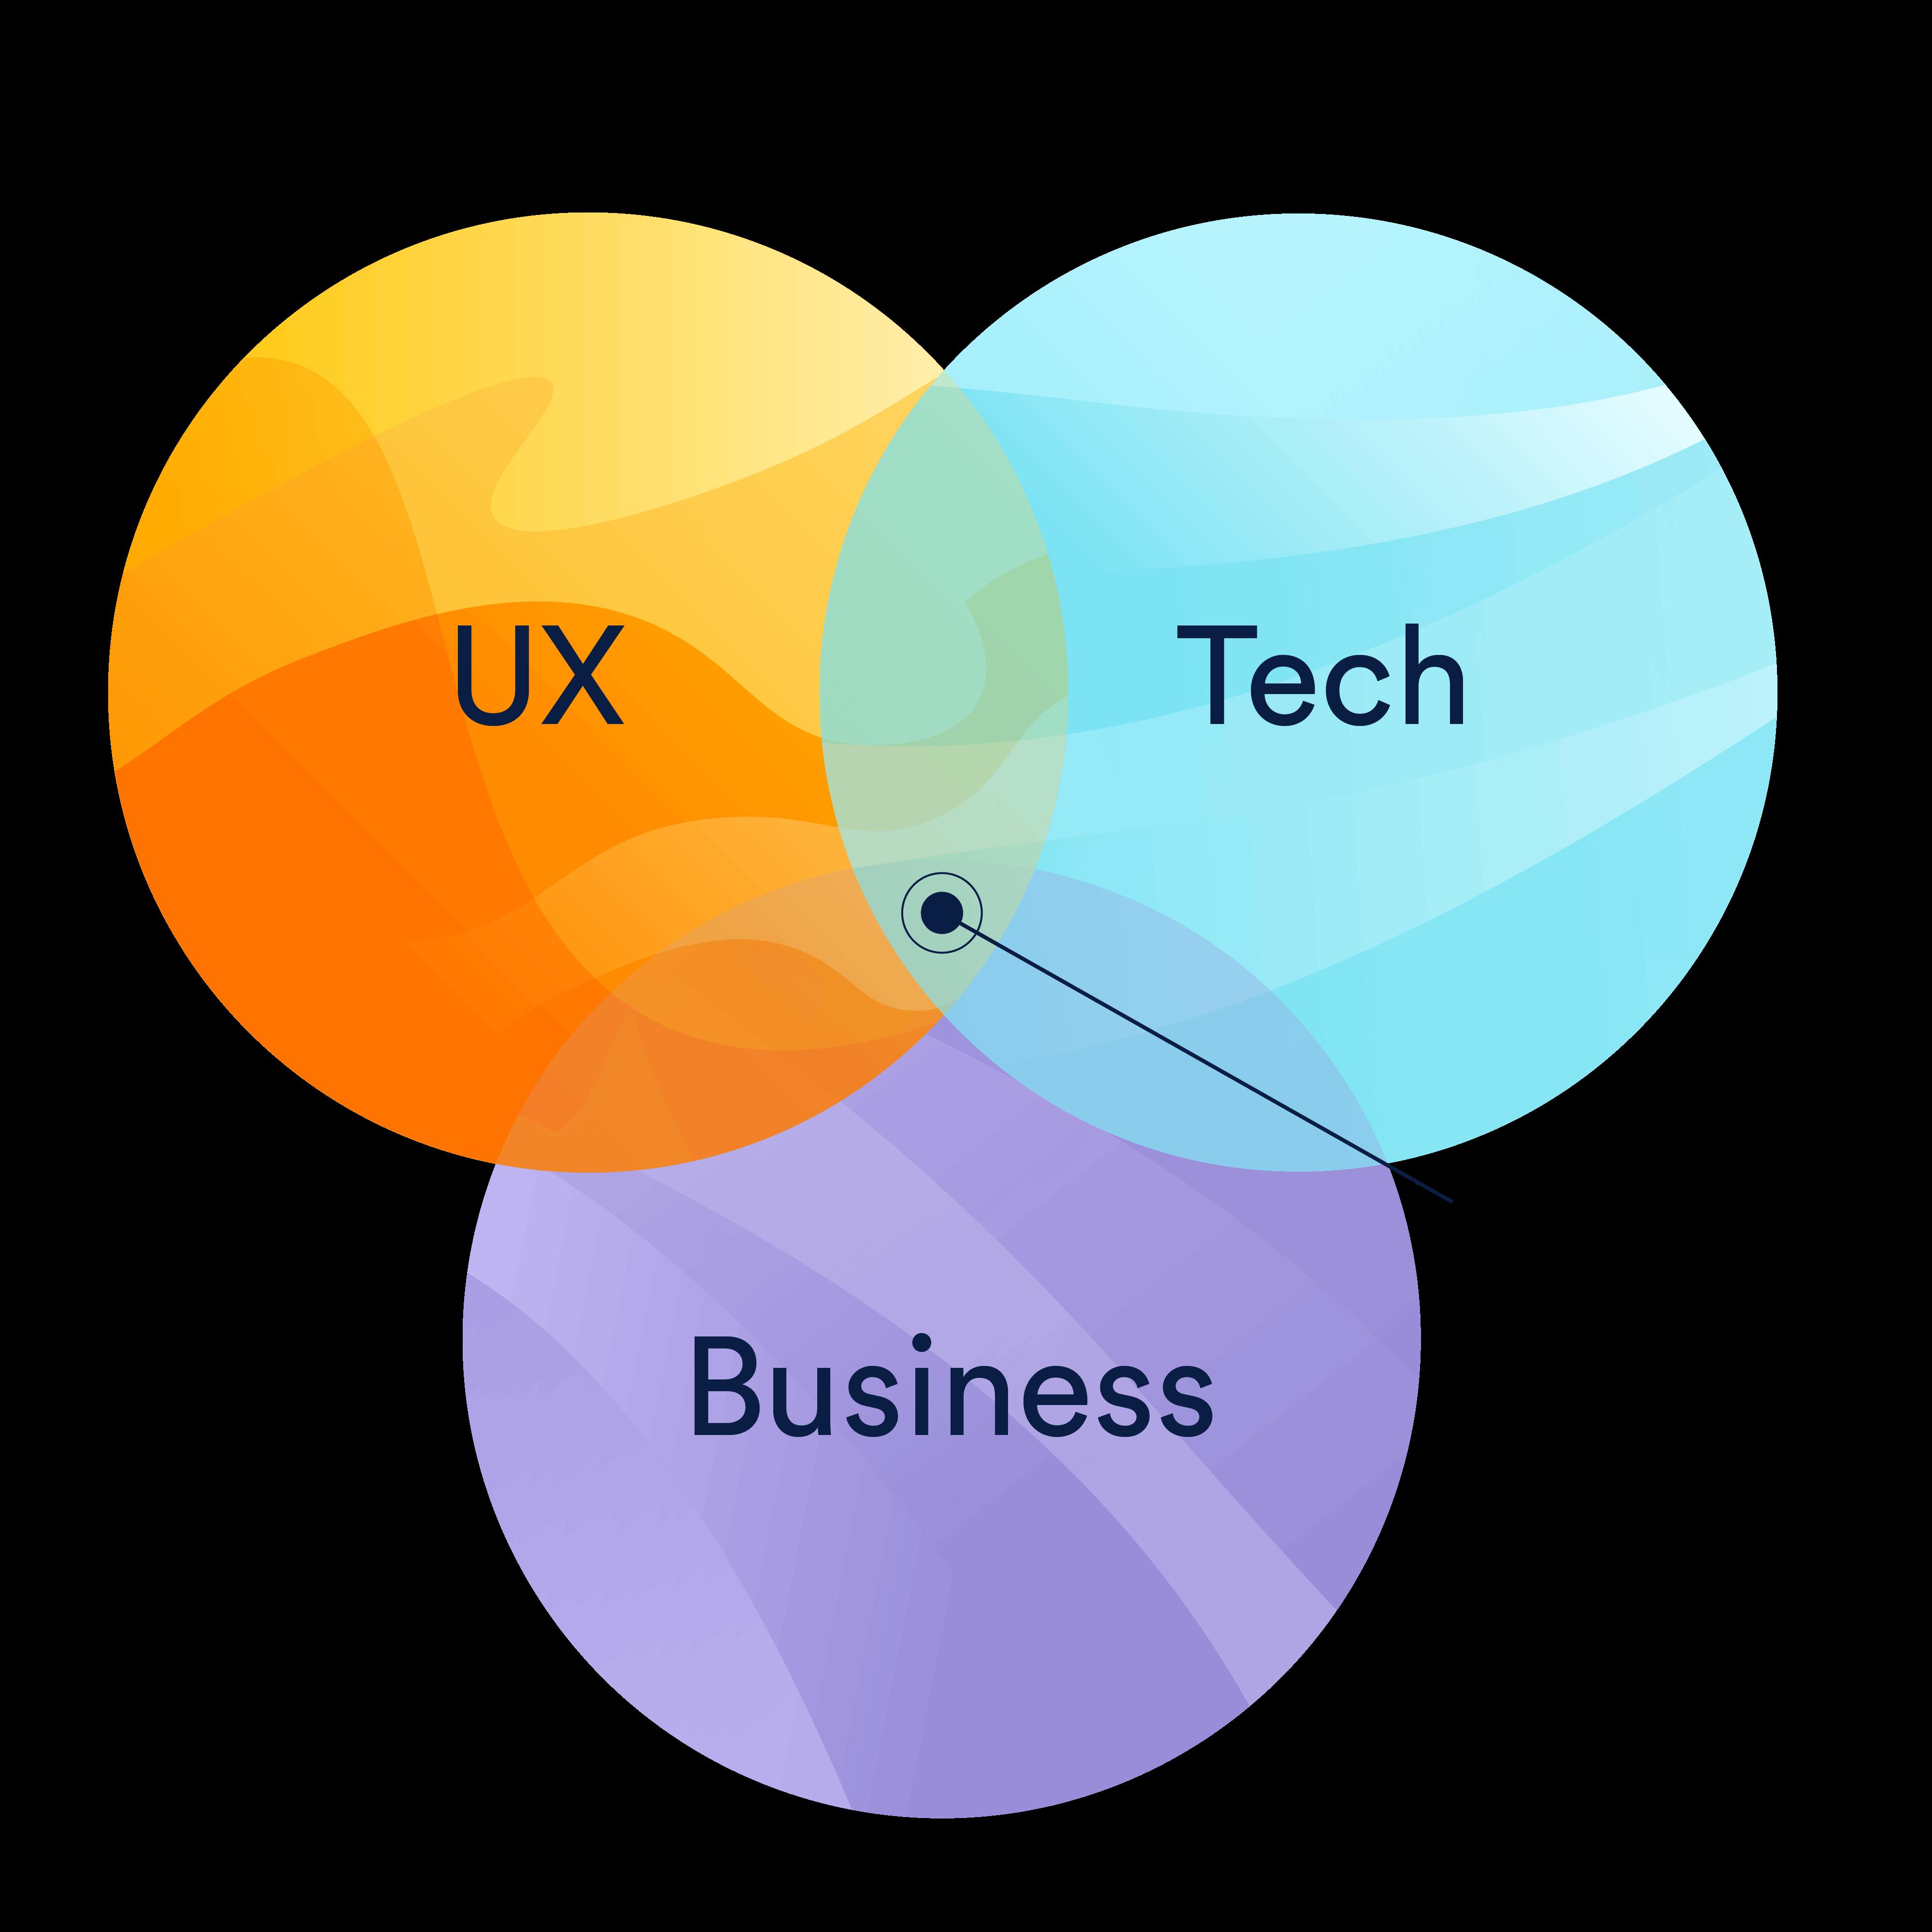 کلیشهای ترین و در عین حال معروفترین دیاگرام جایگاه مدیریت محصول